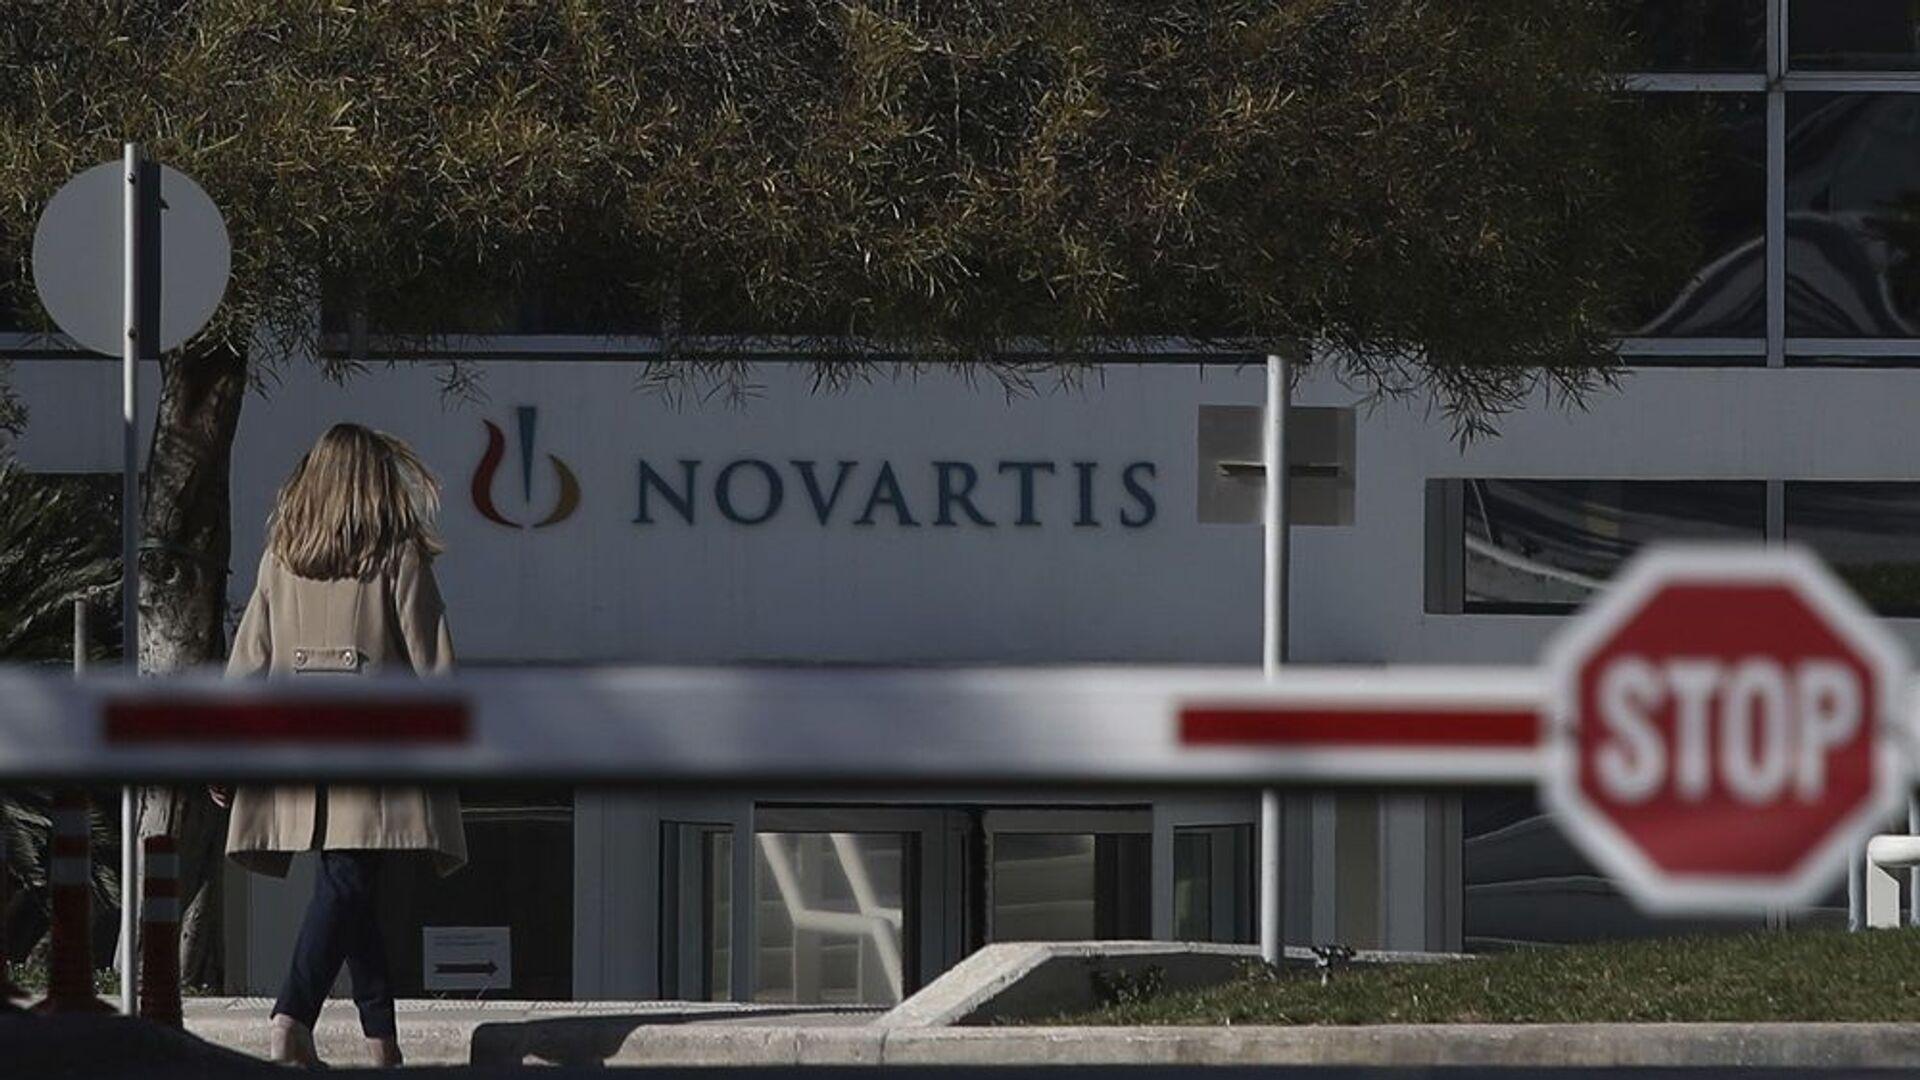 Τα γραφεία της Novartis στην Αθήνα - Sputnik Ελλάδα, 1920, 07.09.2021